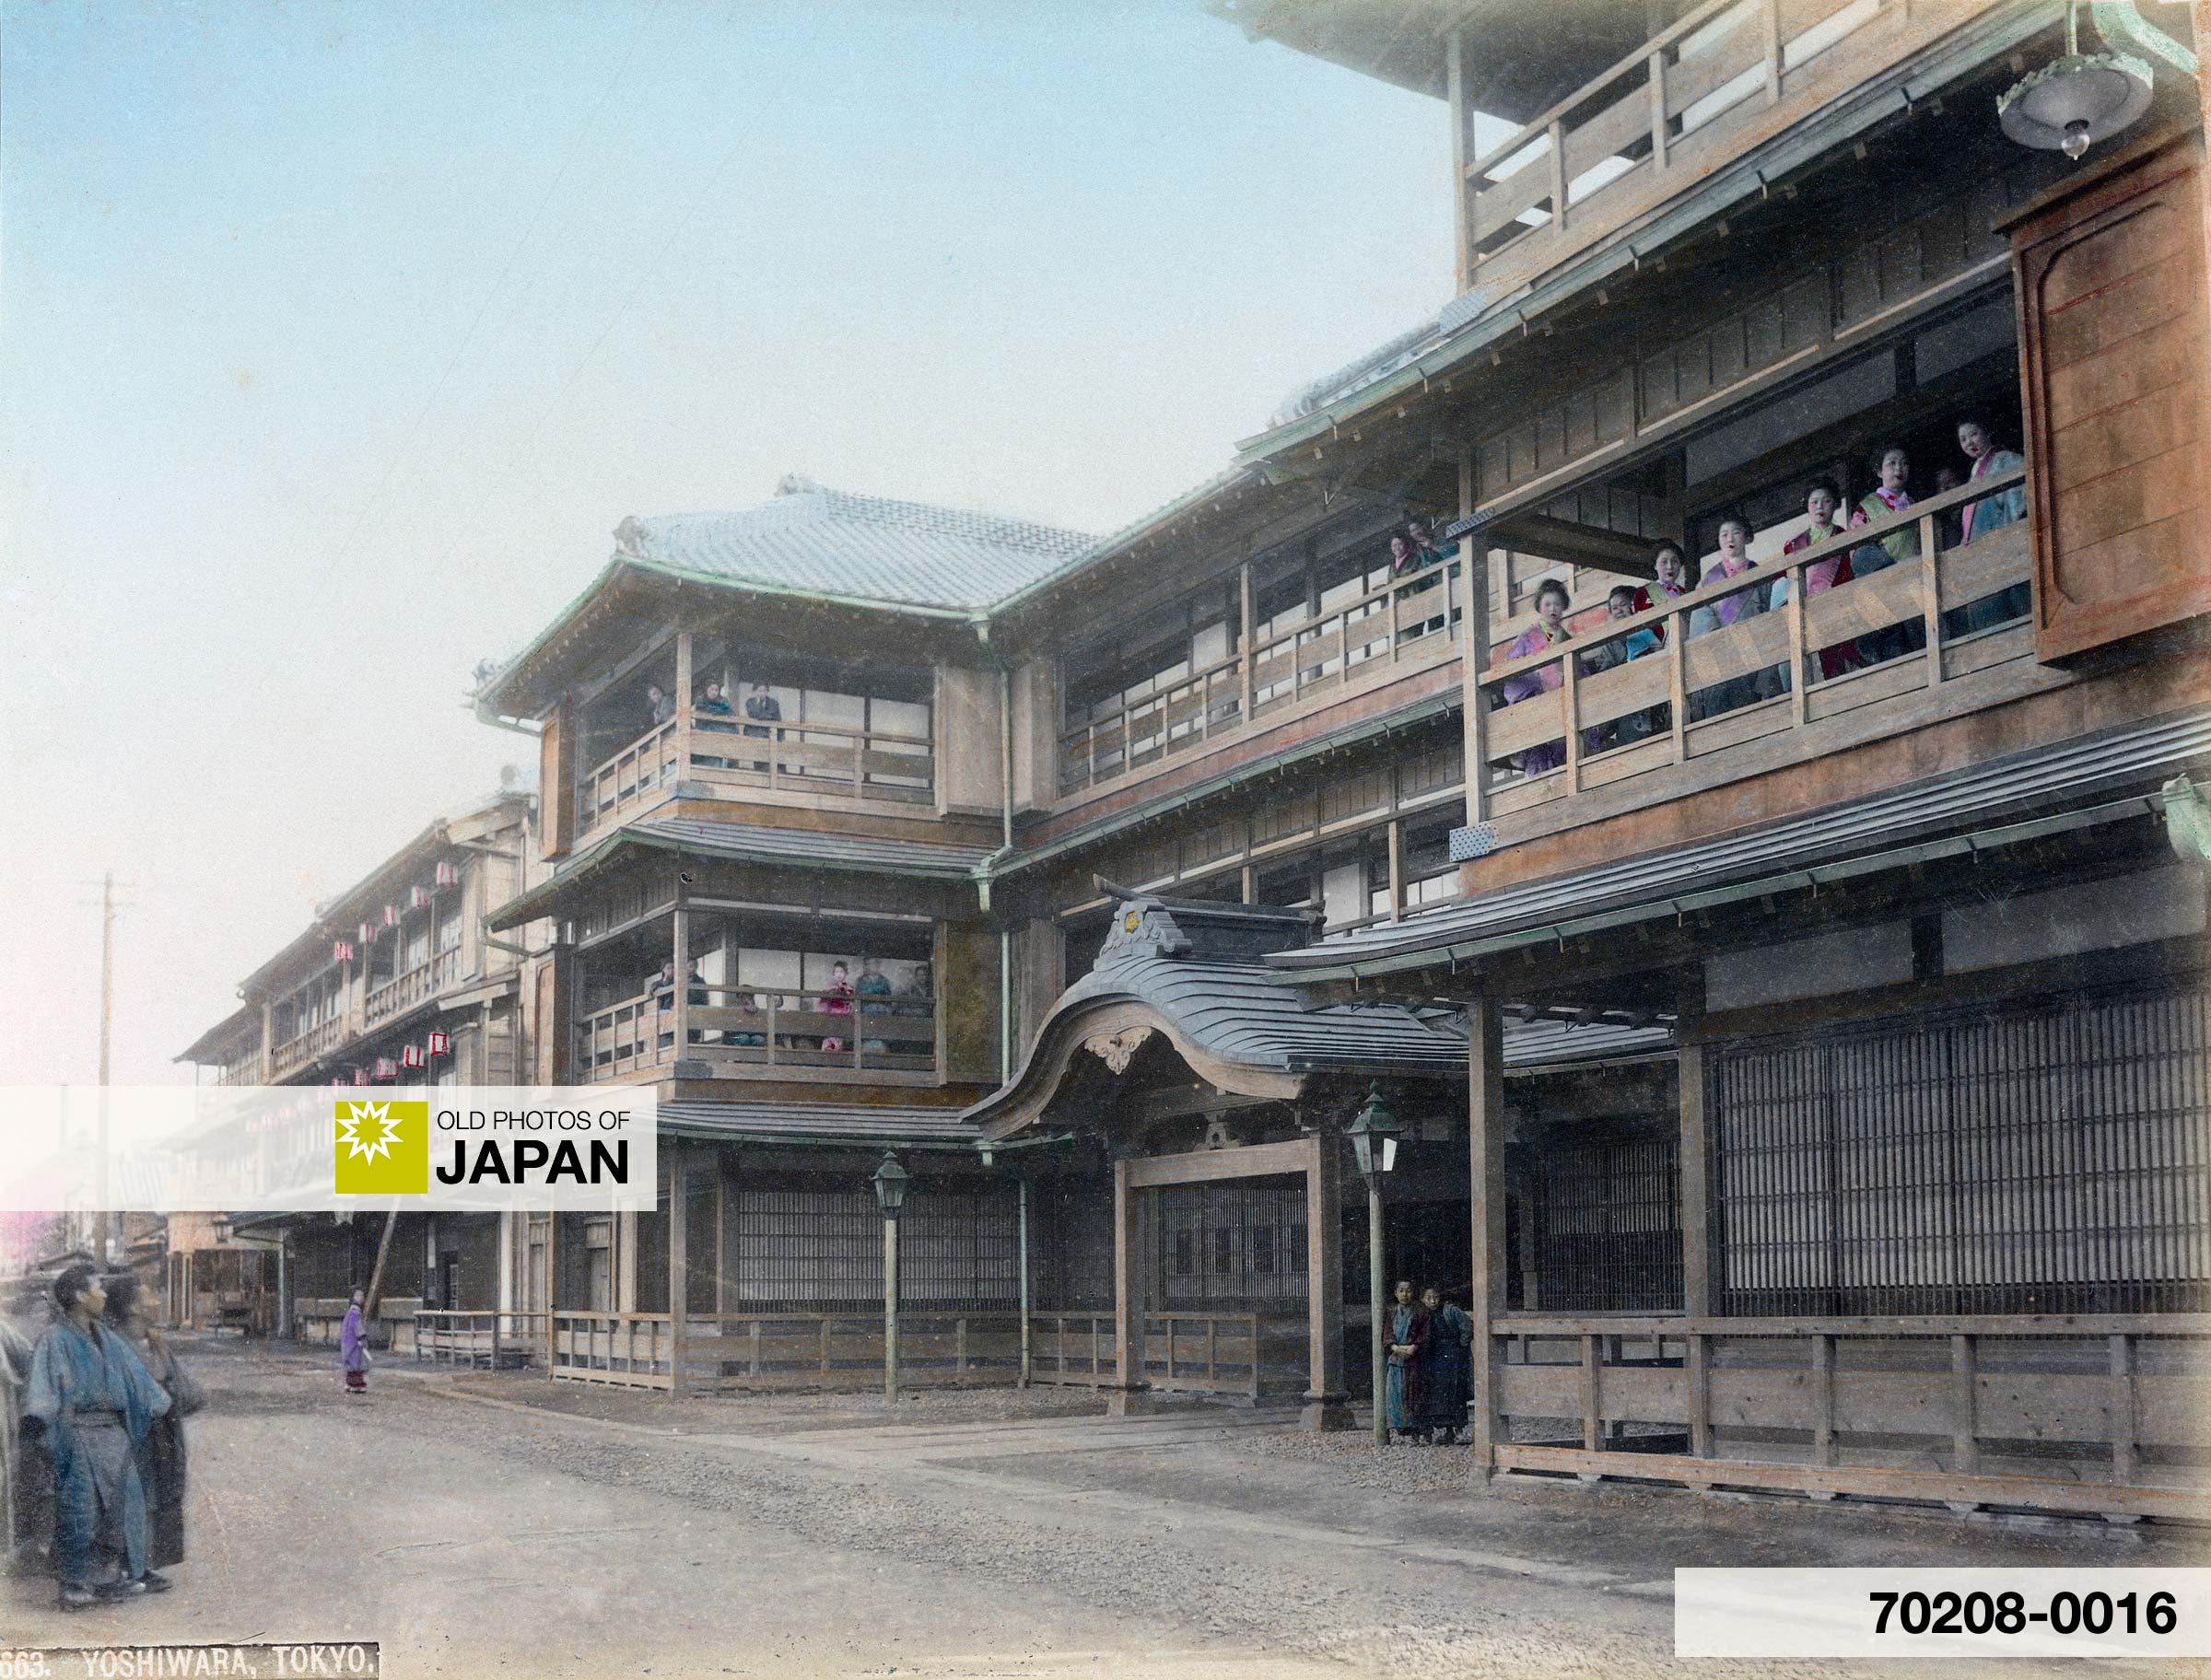 Brothel in Yoshiwara, Tokyo